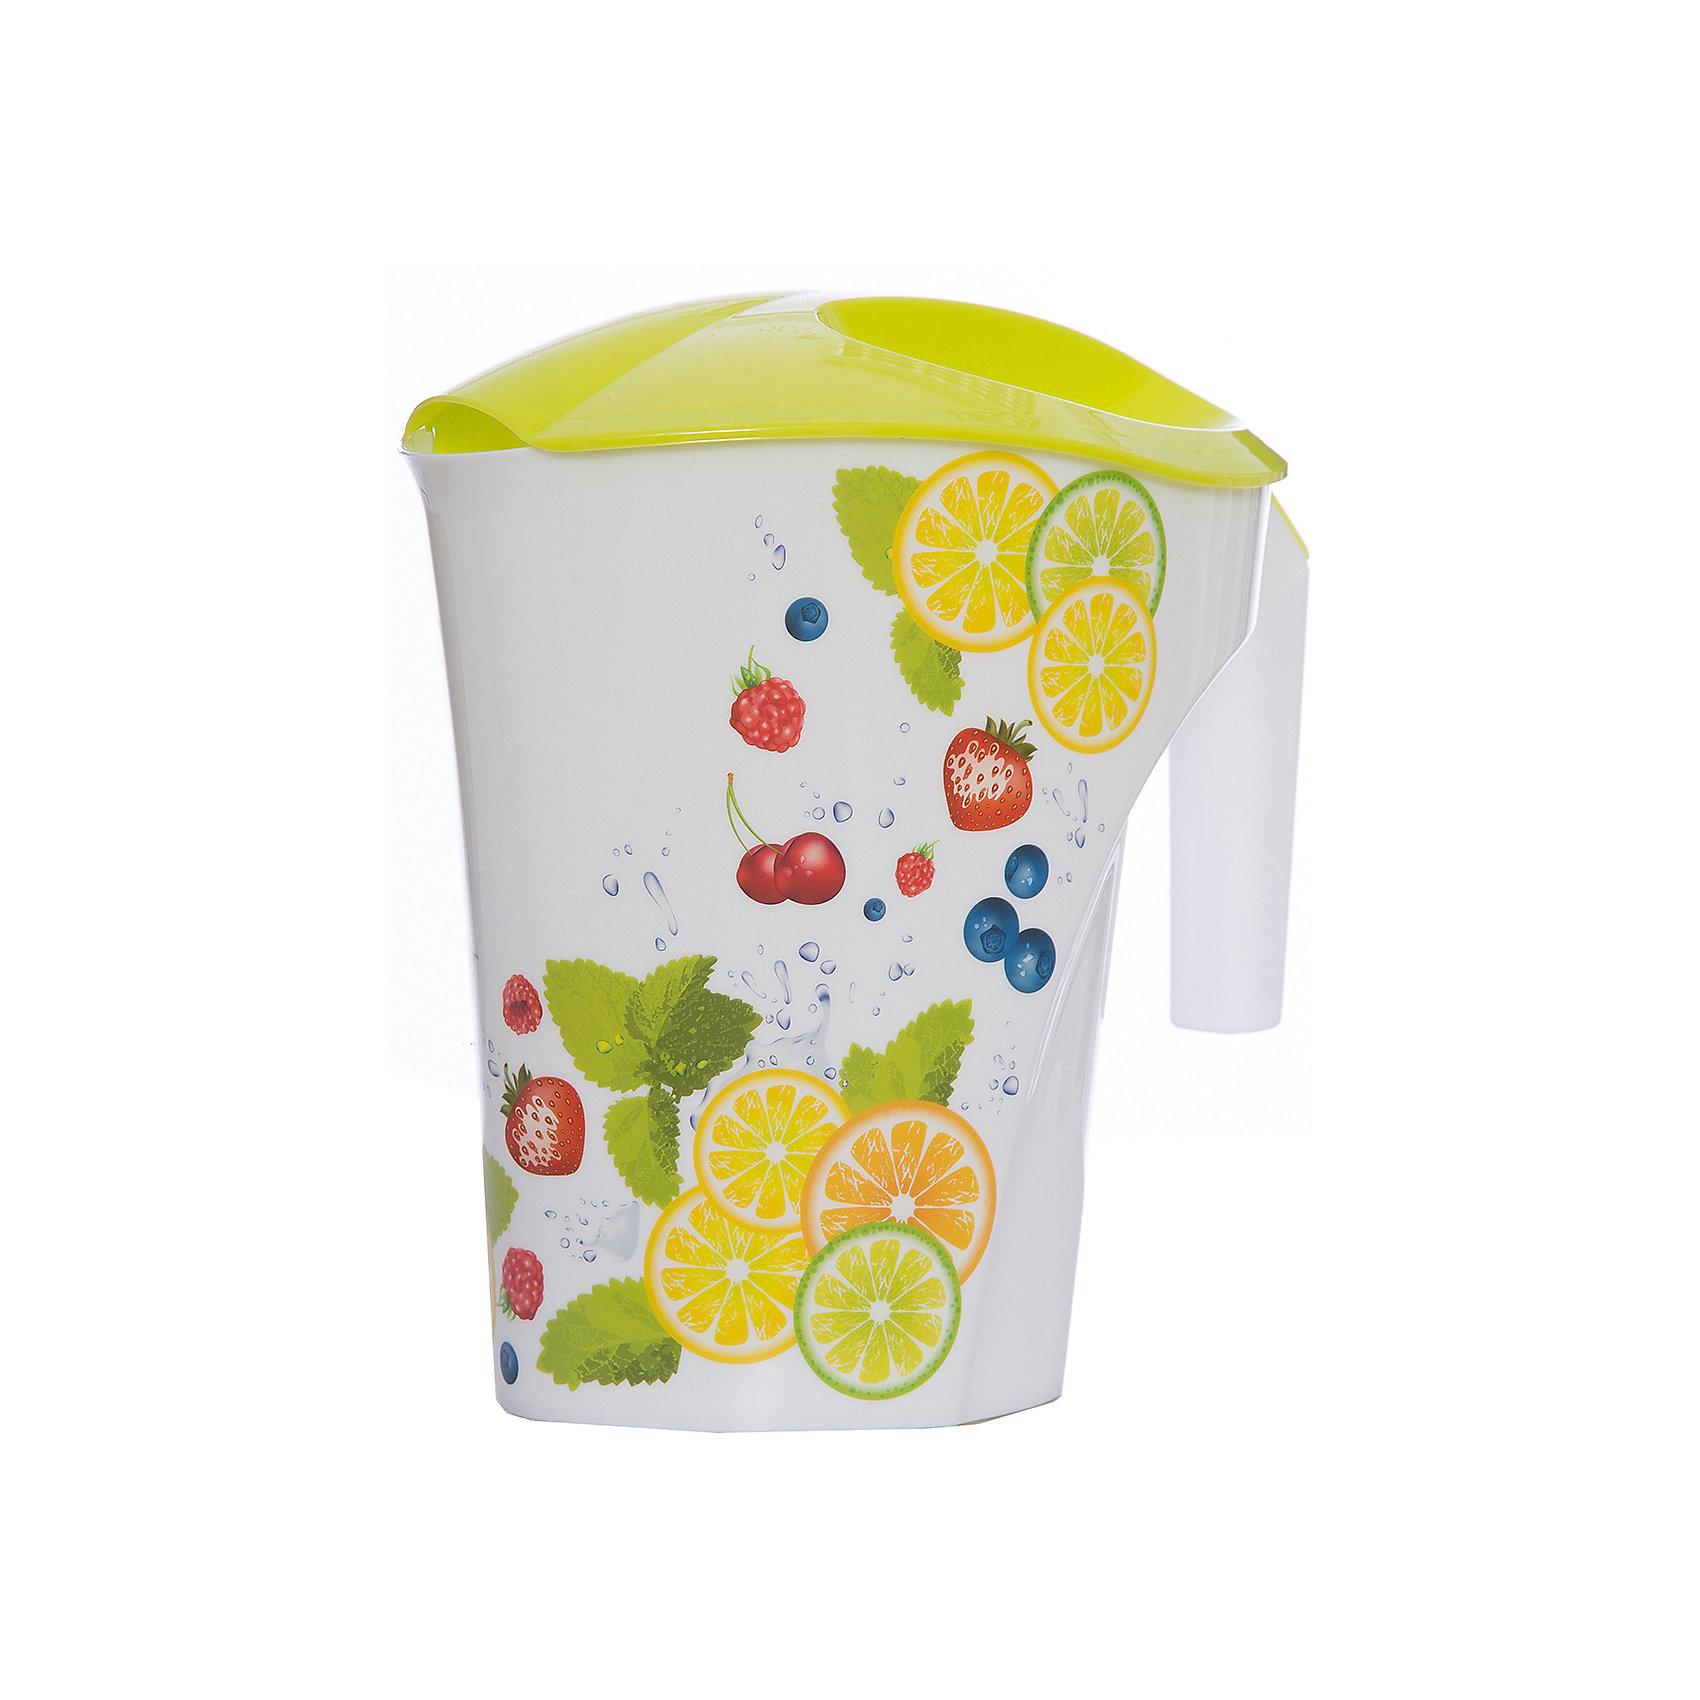 Кувшин Фрукты 3 л, Plastic CentreПосуда<br>Кувшин Фрукты 3 л, Plastic Centre<br><br>Характеристики:<br><br>• Материал: пластик<br>• Цвет: желтый<br>• В комплекте: 1 штука<br>• Объем: 2 литра<br><br>Кувшин подойдет для хранения соков или воды. Крепкая и очень удобная ручка делает процесс наливания воды доступным даже для детей. Красивый дизайн кувшина, форма и его цвет позволят ему вписаться в любой интерьер. Сделан кувшин из прочного пластика, которые не выделяет вредных веществ и не отражается на вкусе воды.<br><br>Кувшин Фрукты 3 л, Plastic Centre можно купить в нашем интернет-магазине.<br><br>Ширина мм: 248<br>Глубина мм: 155<br>Высота мм: 235<br>Вес г: 242<br>Возраст от месяцев: 216<br>Возраст до месяцев: 1188<br>Пол: Унисекс<br>Возраст: Детский<br>SKU: 5545697